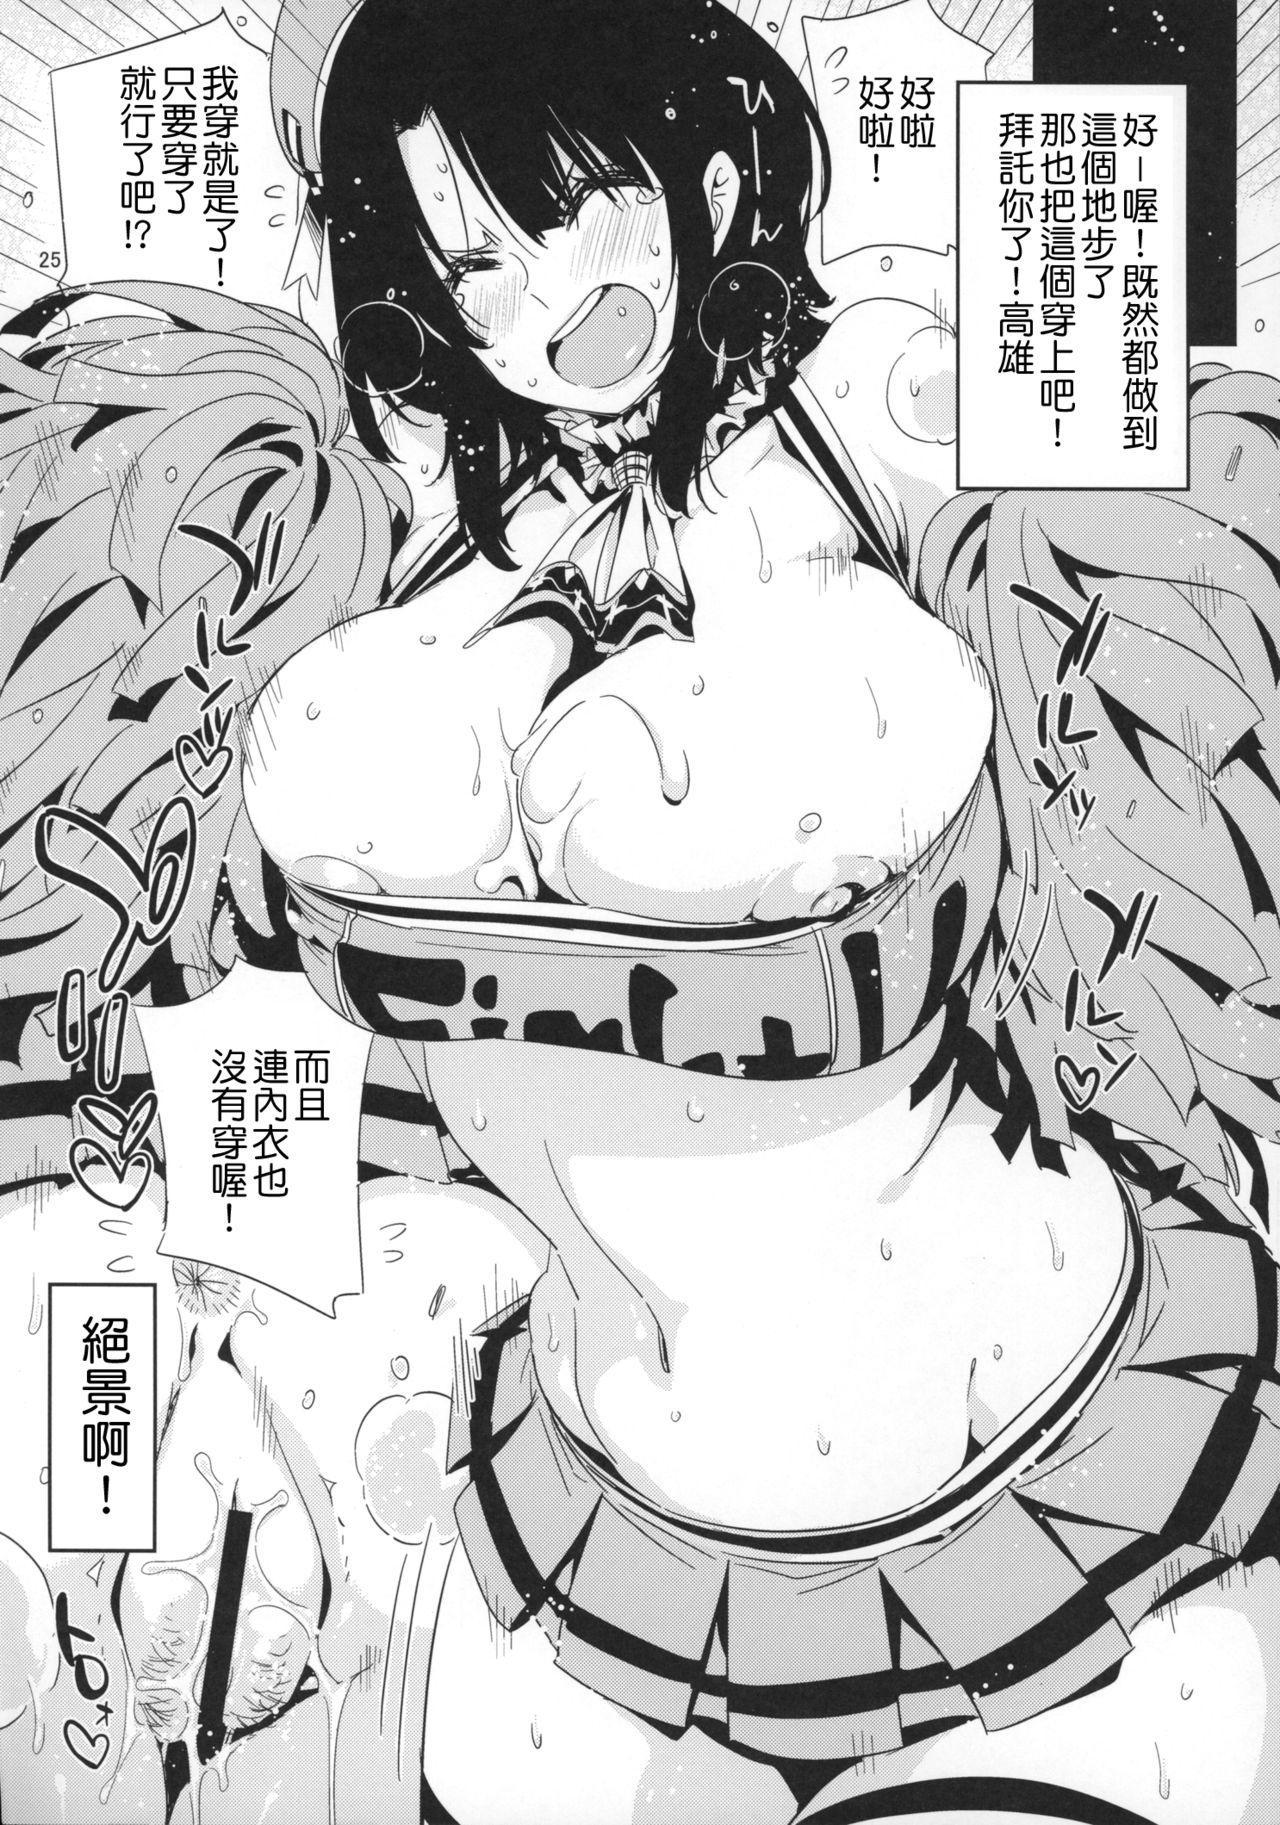 Sanzen Sekai no Karasu o Koroshi Takao ni Model o Tanomitai... 27